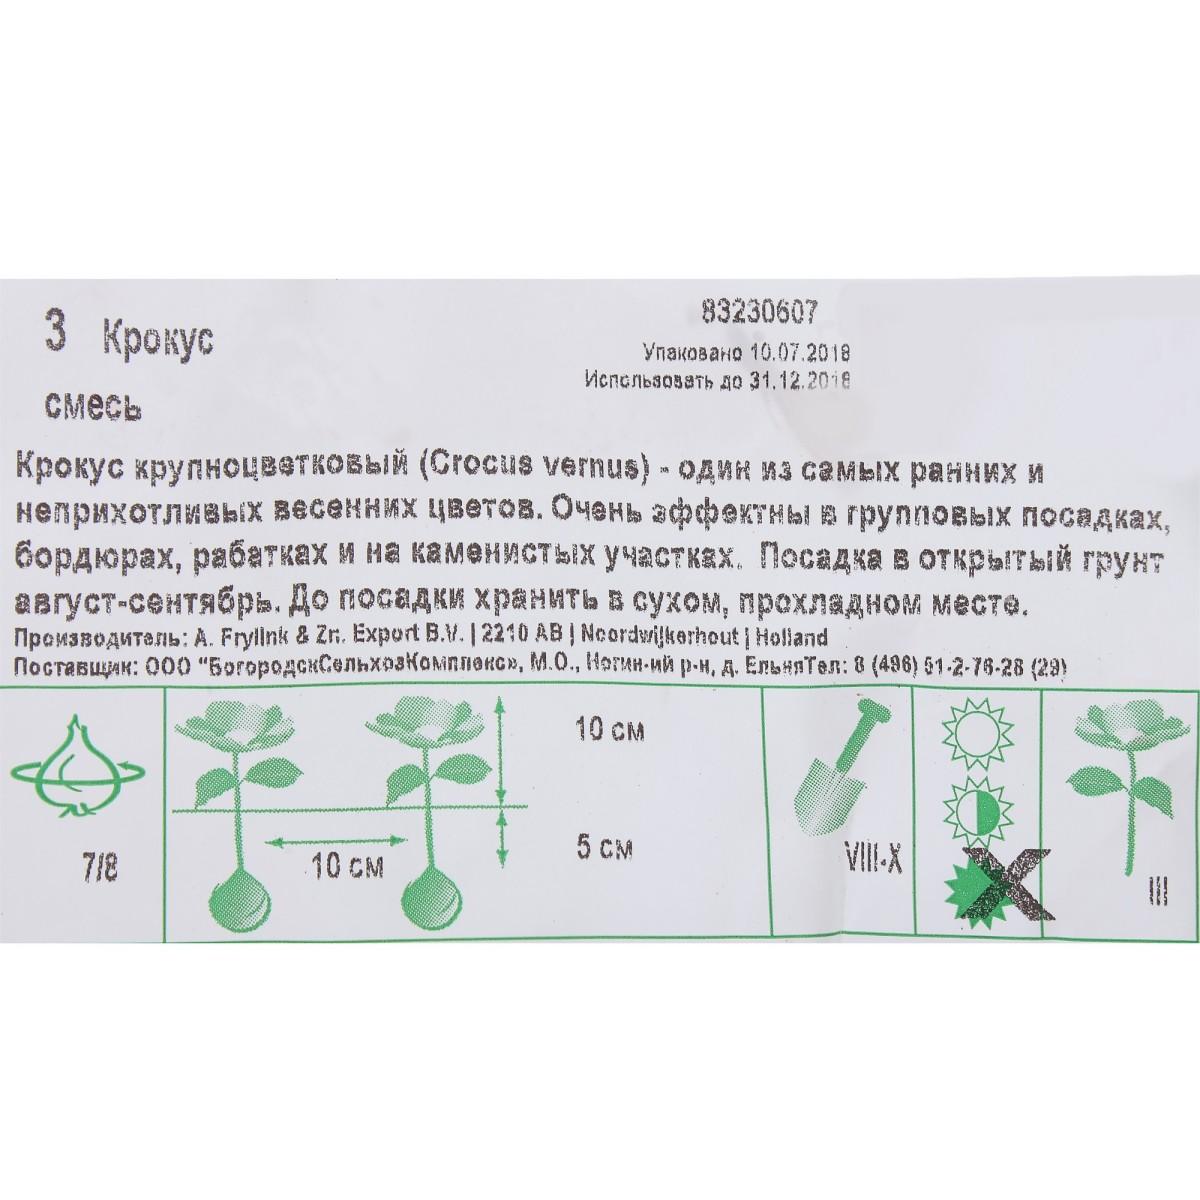 Крокусесь Сортов Размер Луковицы 7/8